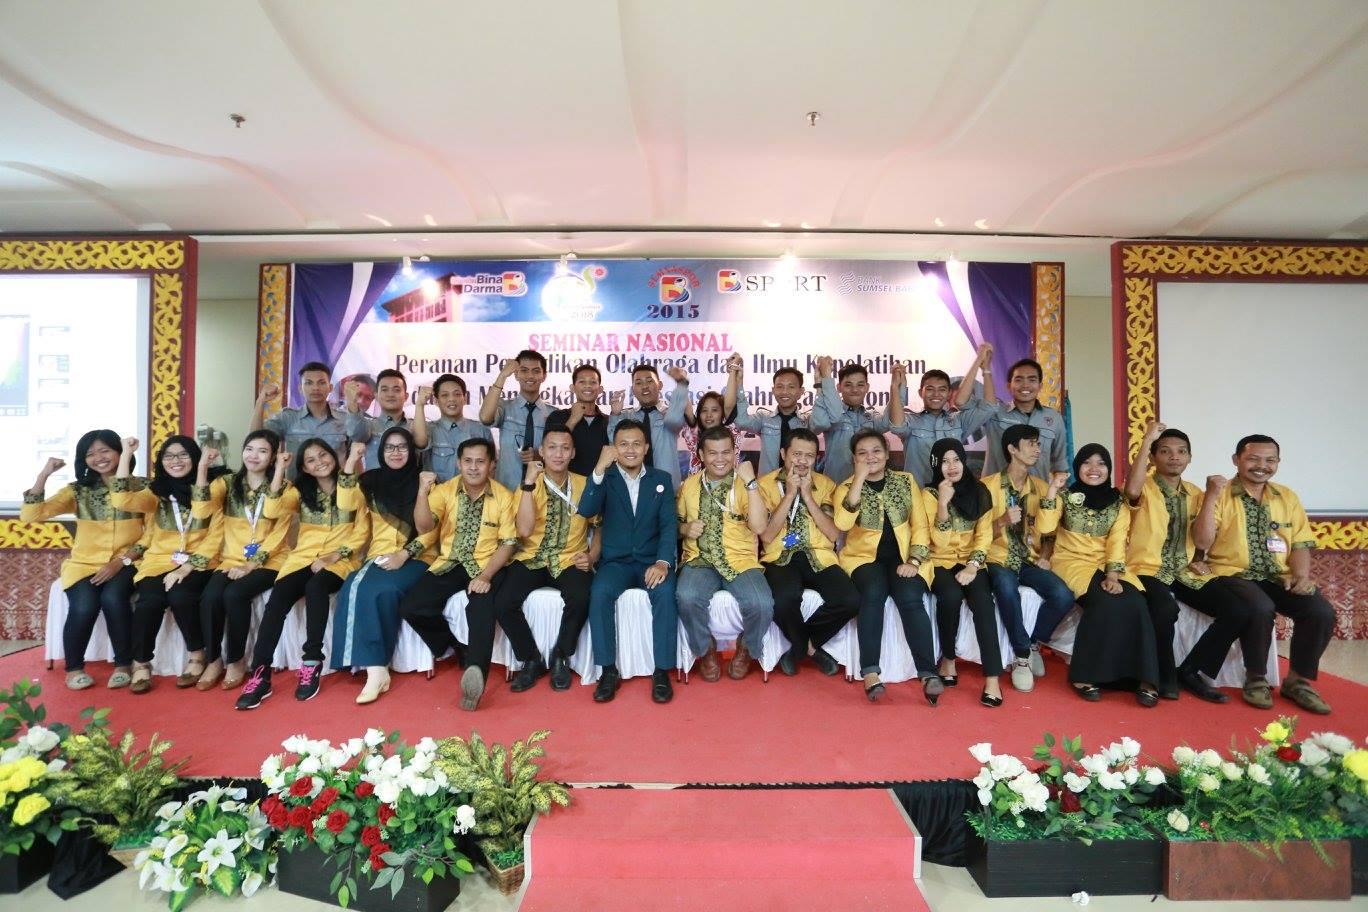 Seminar Nasional Pendidikan Olahraga 2015